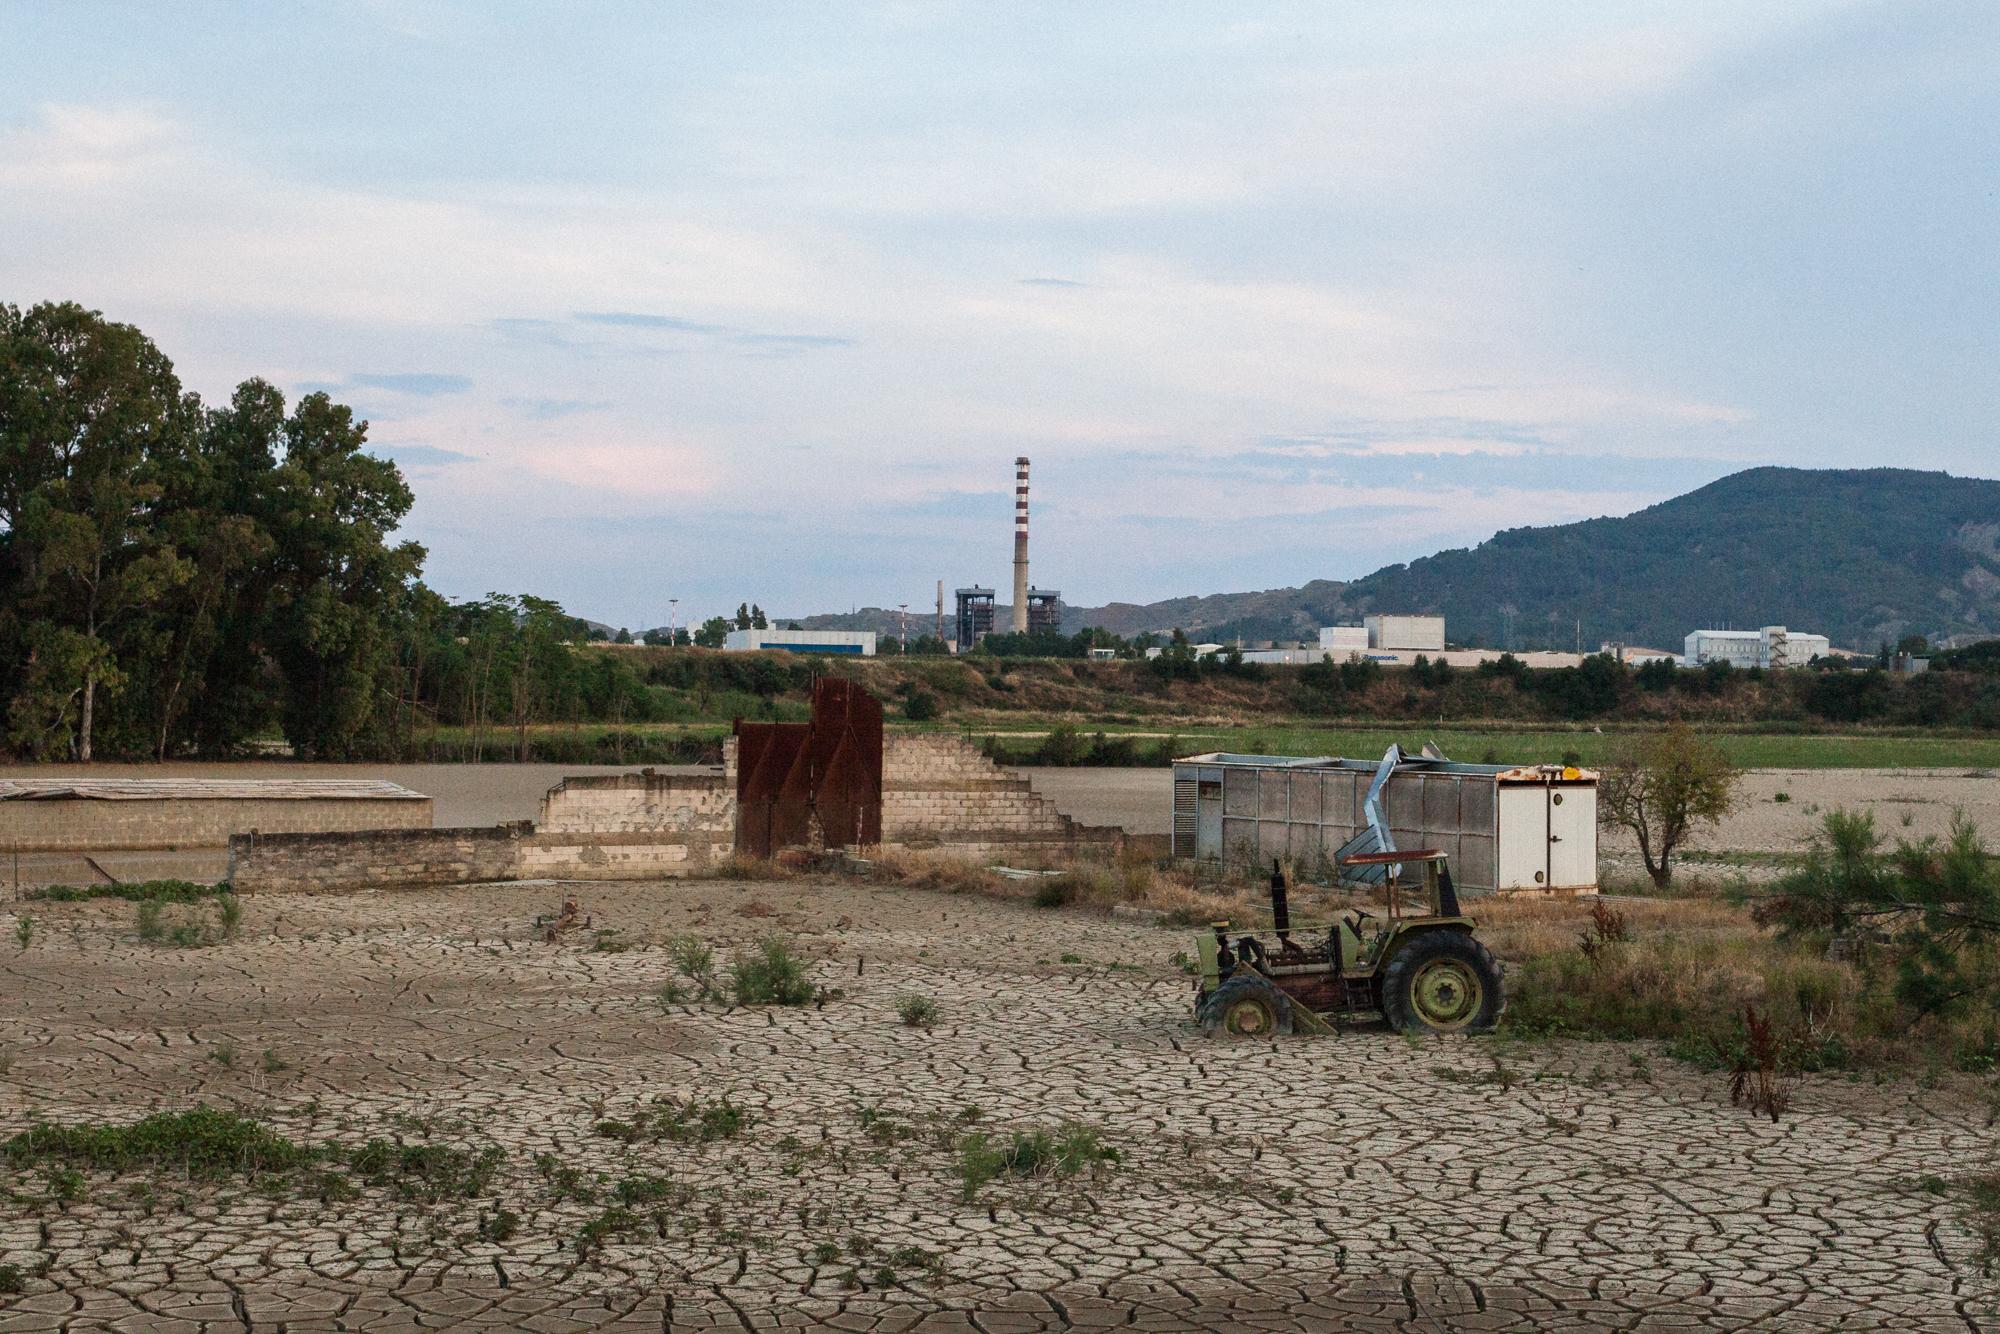 La ciminiera della Tecnoparco, nel polo industriale della Val Basento in zona Pisticci Scalo (MT), 2015. I rilevamenti effettuati nei terreni della zona confinante con l'azienda Tecnoparco e il fiume Basento hanno evidenziato la presenza di metalli pesanti, in particolare alluminio.